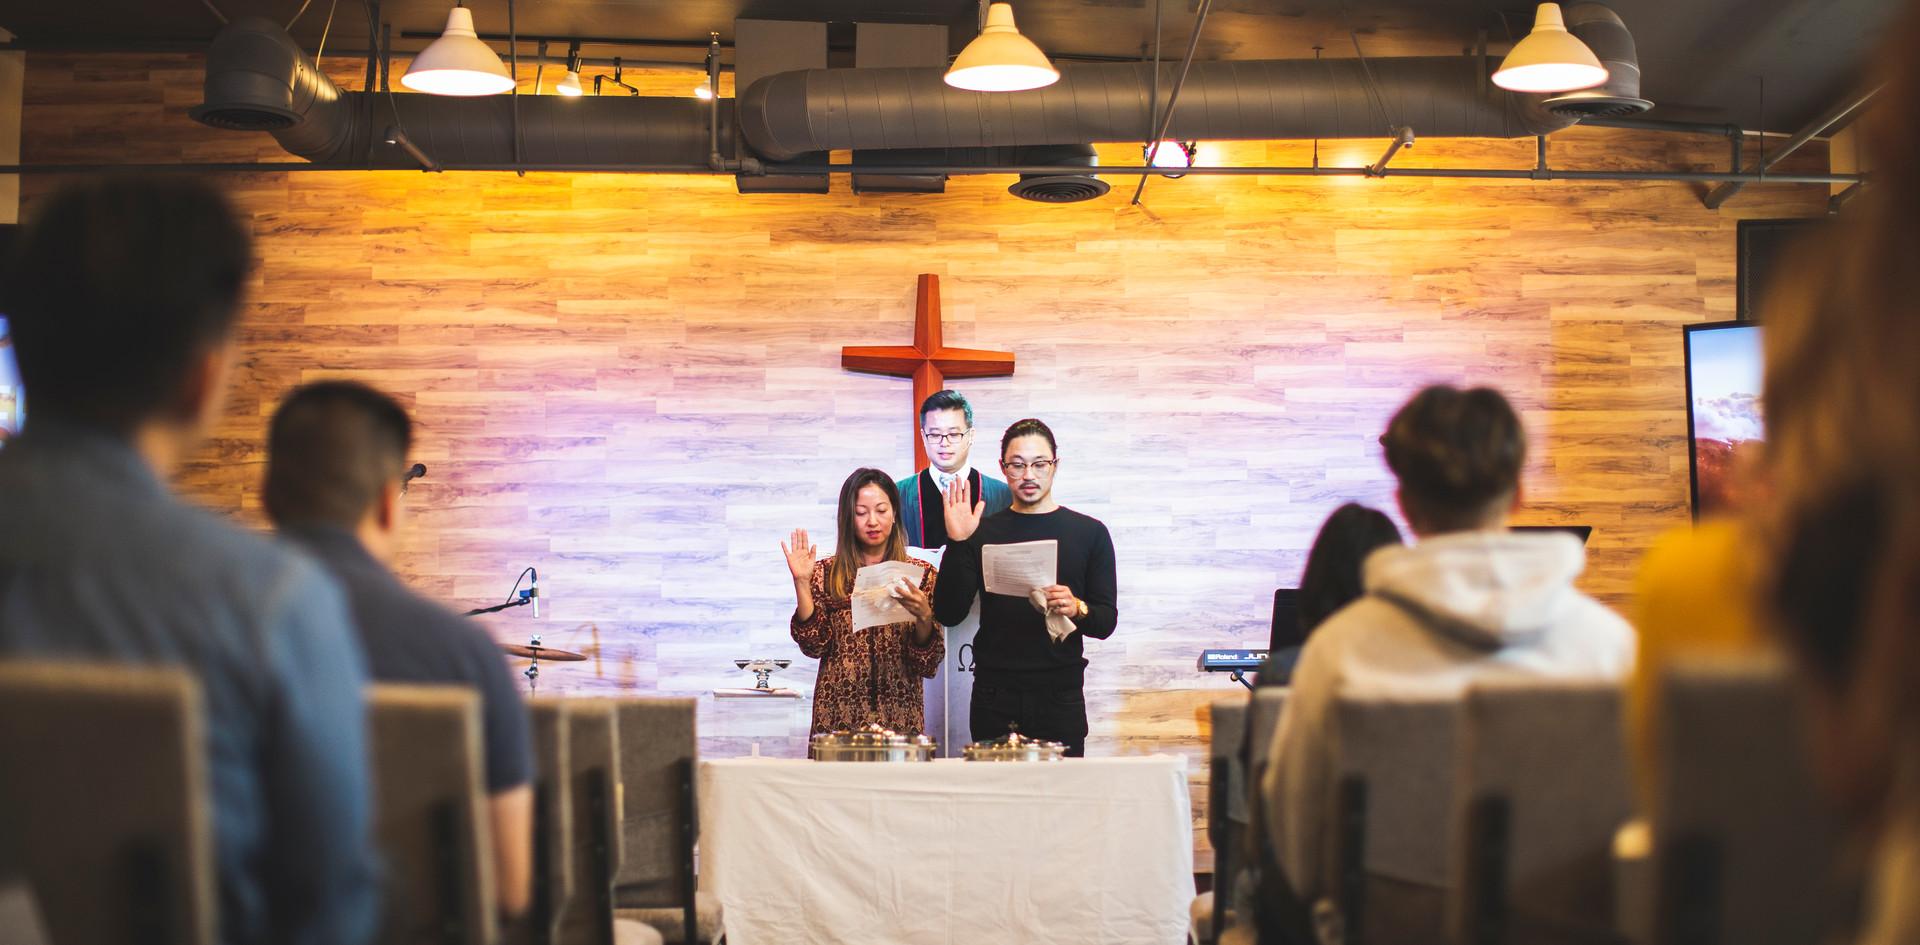 HOG_Baptism_Easter_042119_0055.jpg